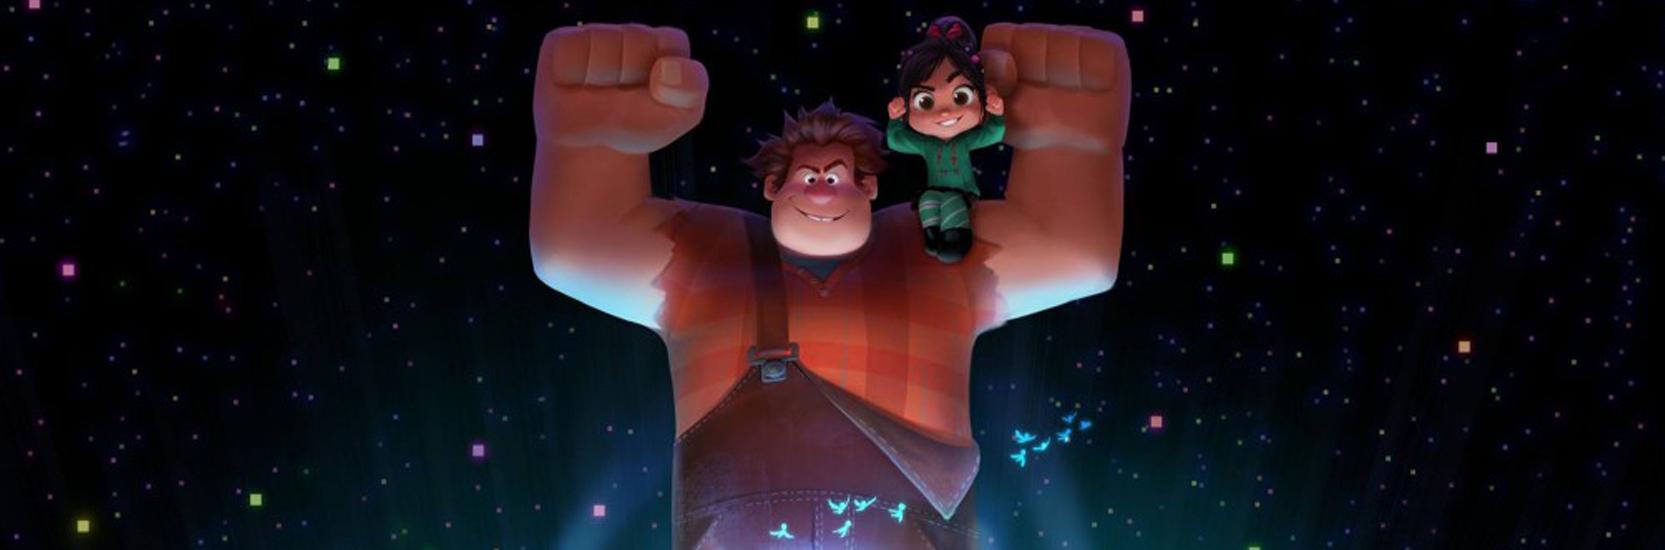 """Une bande-annonce pour """"Ralph 2.0"""", premier long-métrage Disney Animation de 2019."""